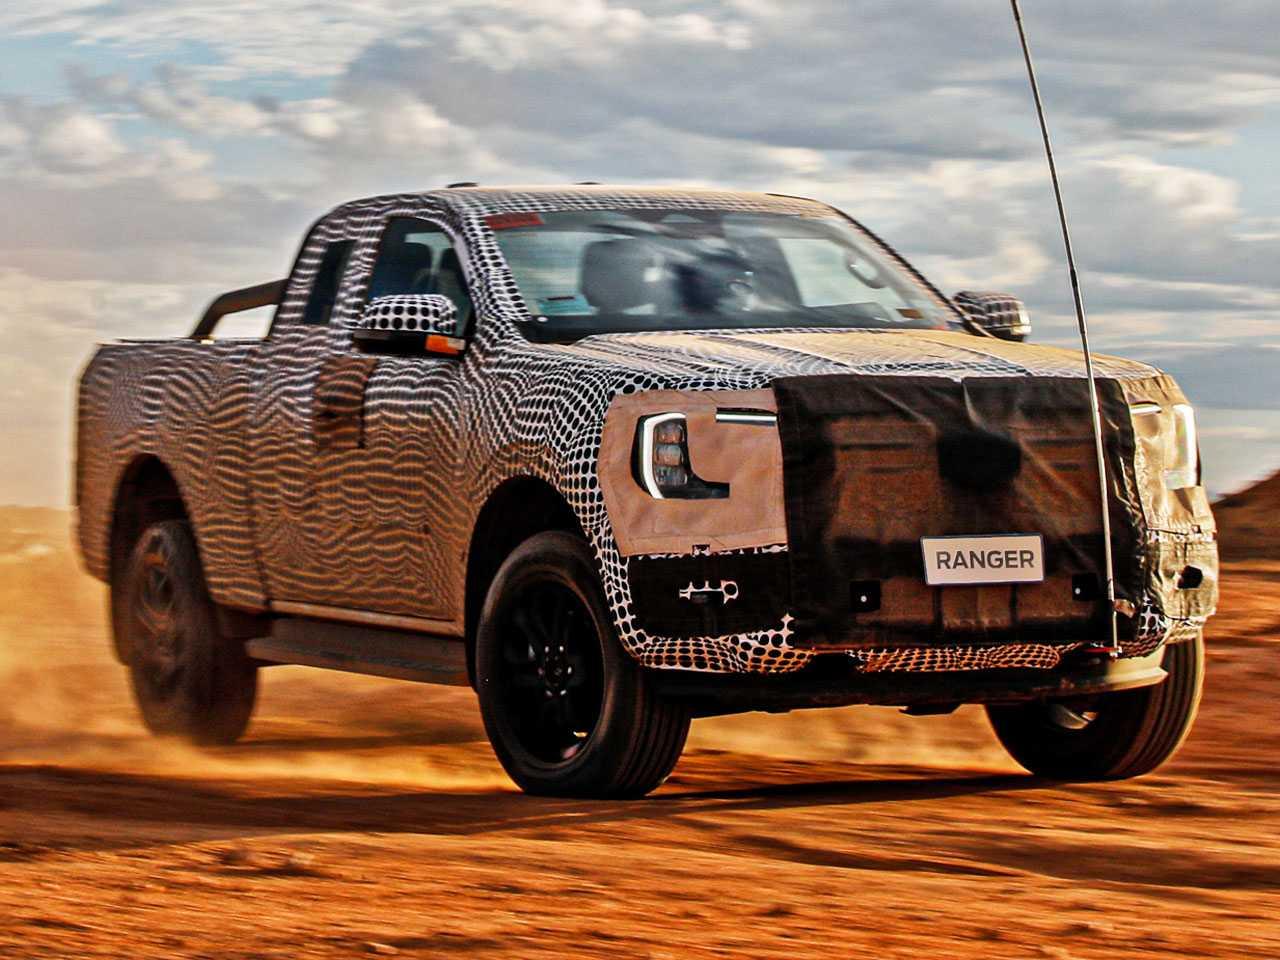 A nova geração da Ranger em foto divulgada pela própria Ford: apresentação oficial no final do ano